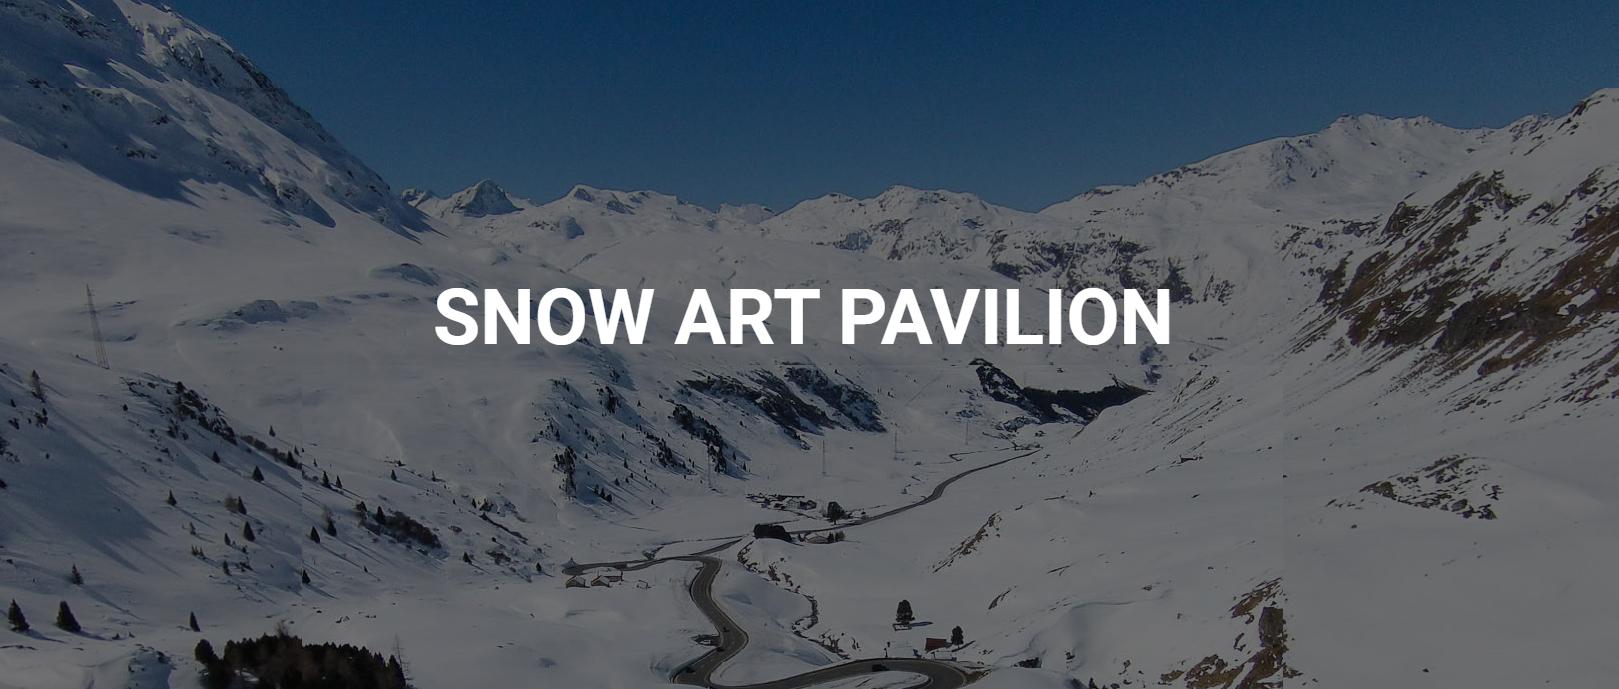 冰雪艺术展馆设计竞赛